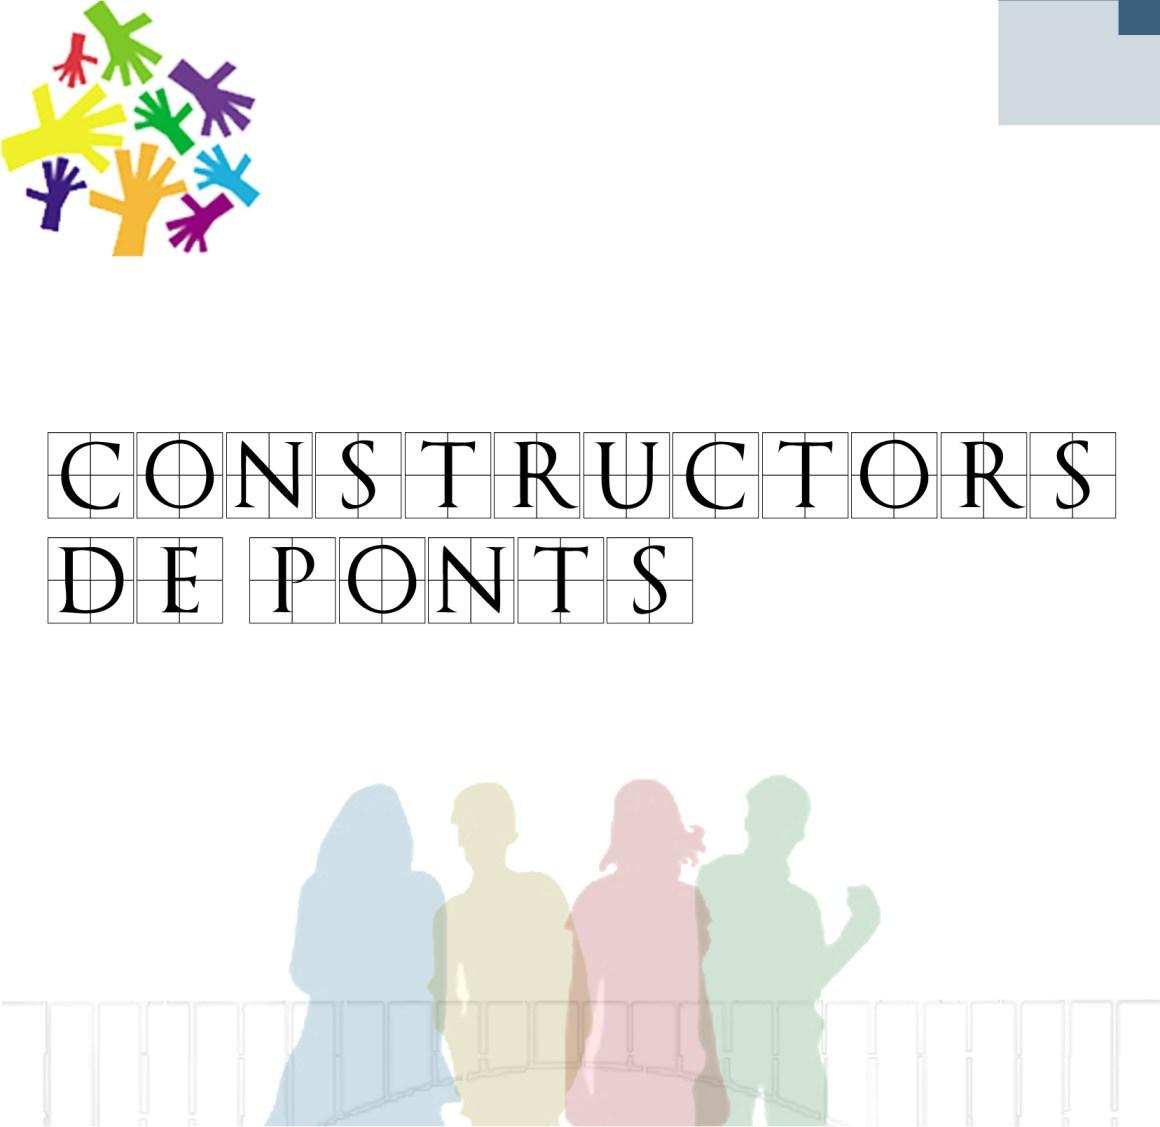 Projecte: Constructors de ponts